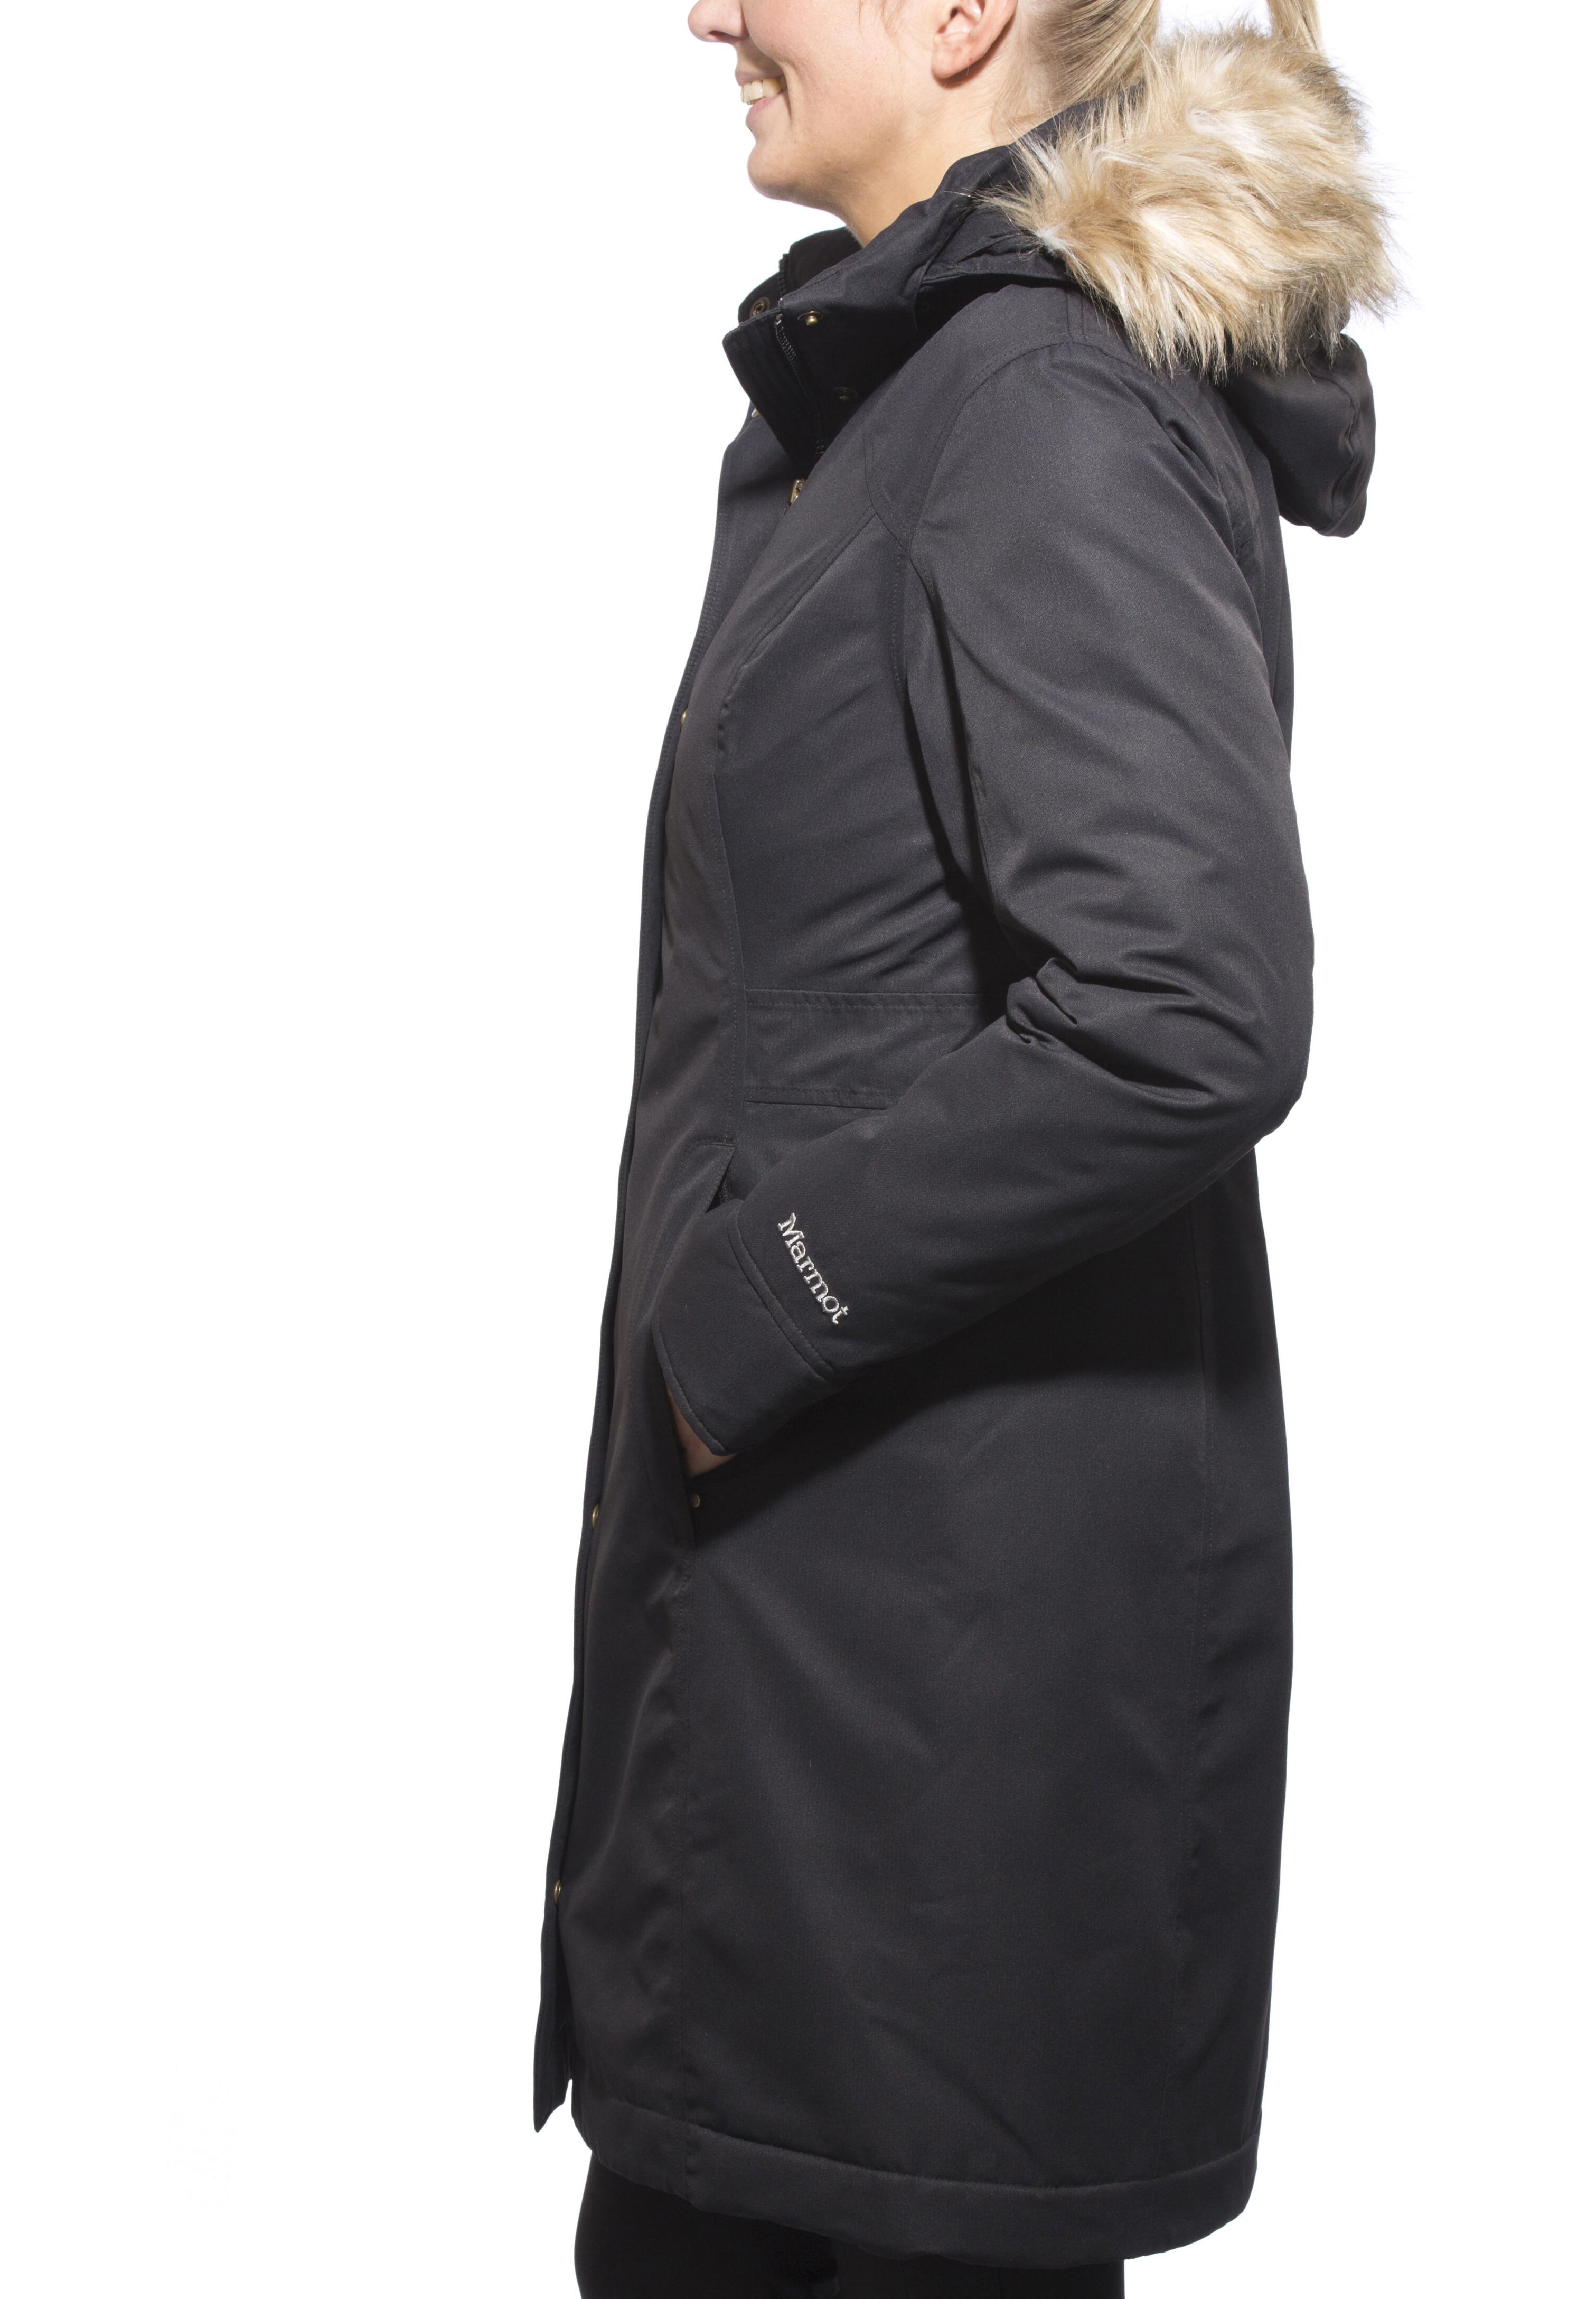 Marmot Chelsea - Doudoune femme - noir sur CAMPZ ! 35abbd00f53